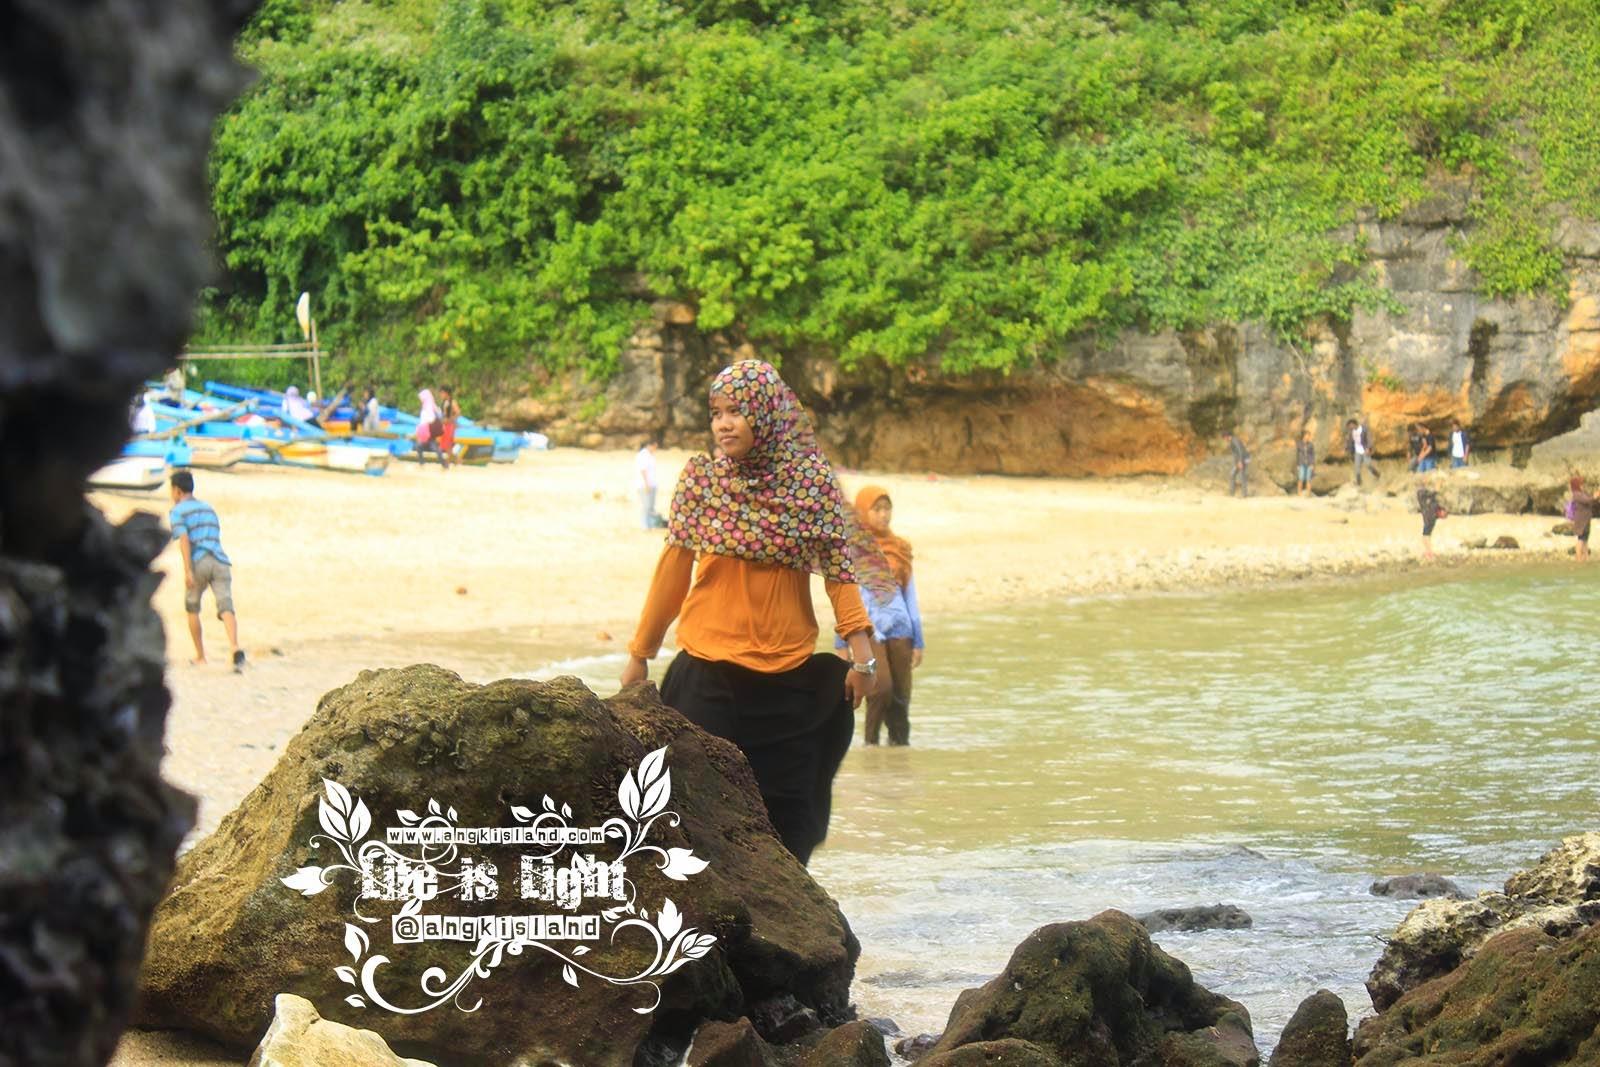 Cewek Pantai Ngrenehan